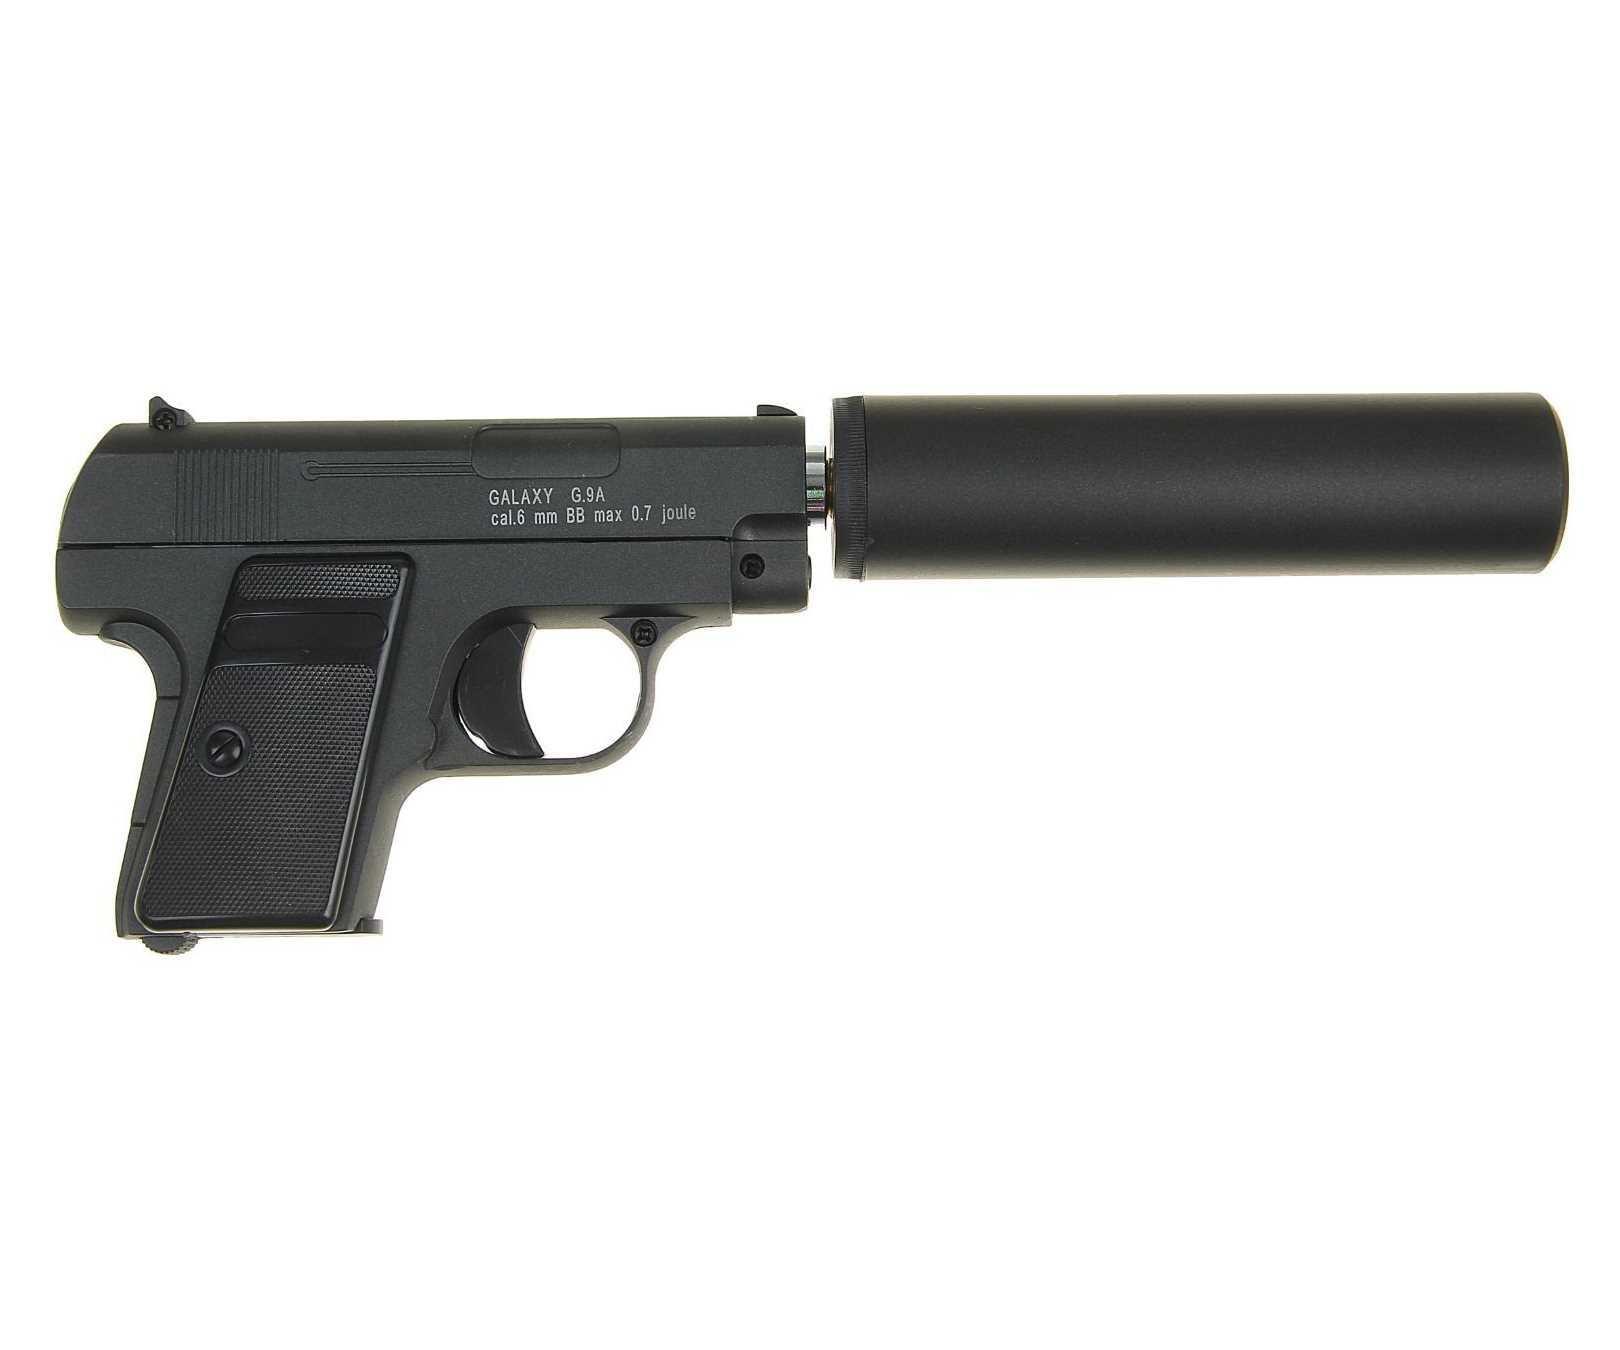 Страйкбольный пружинный пистолет Galaxy (кал. 6 мм) G.9A (мини Colt 25 с глушителем) фото